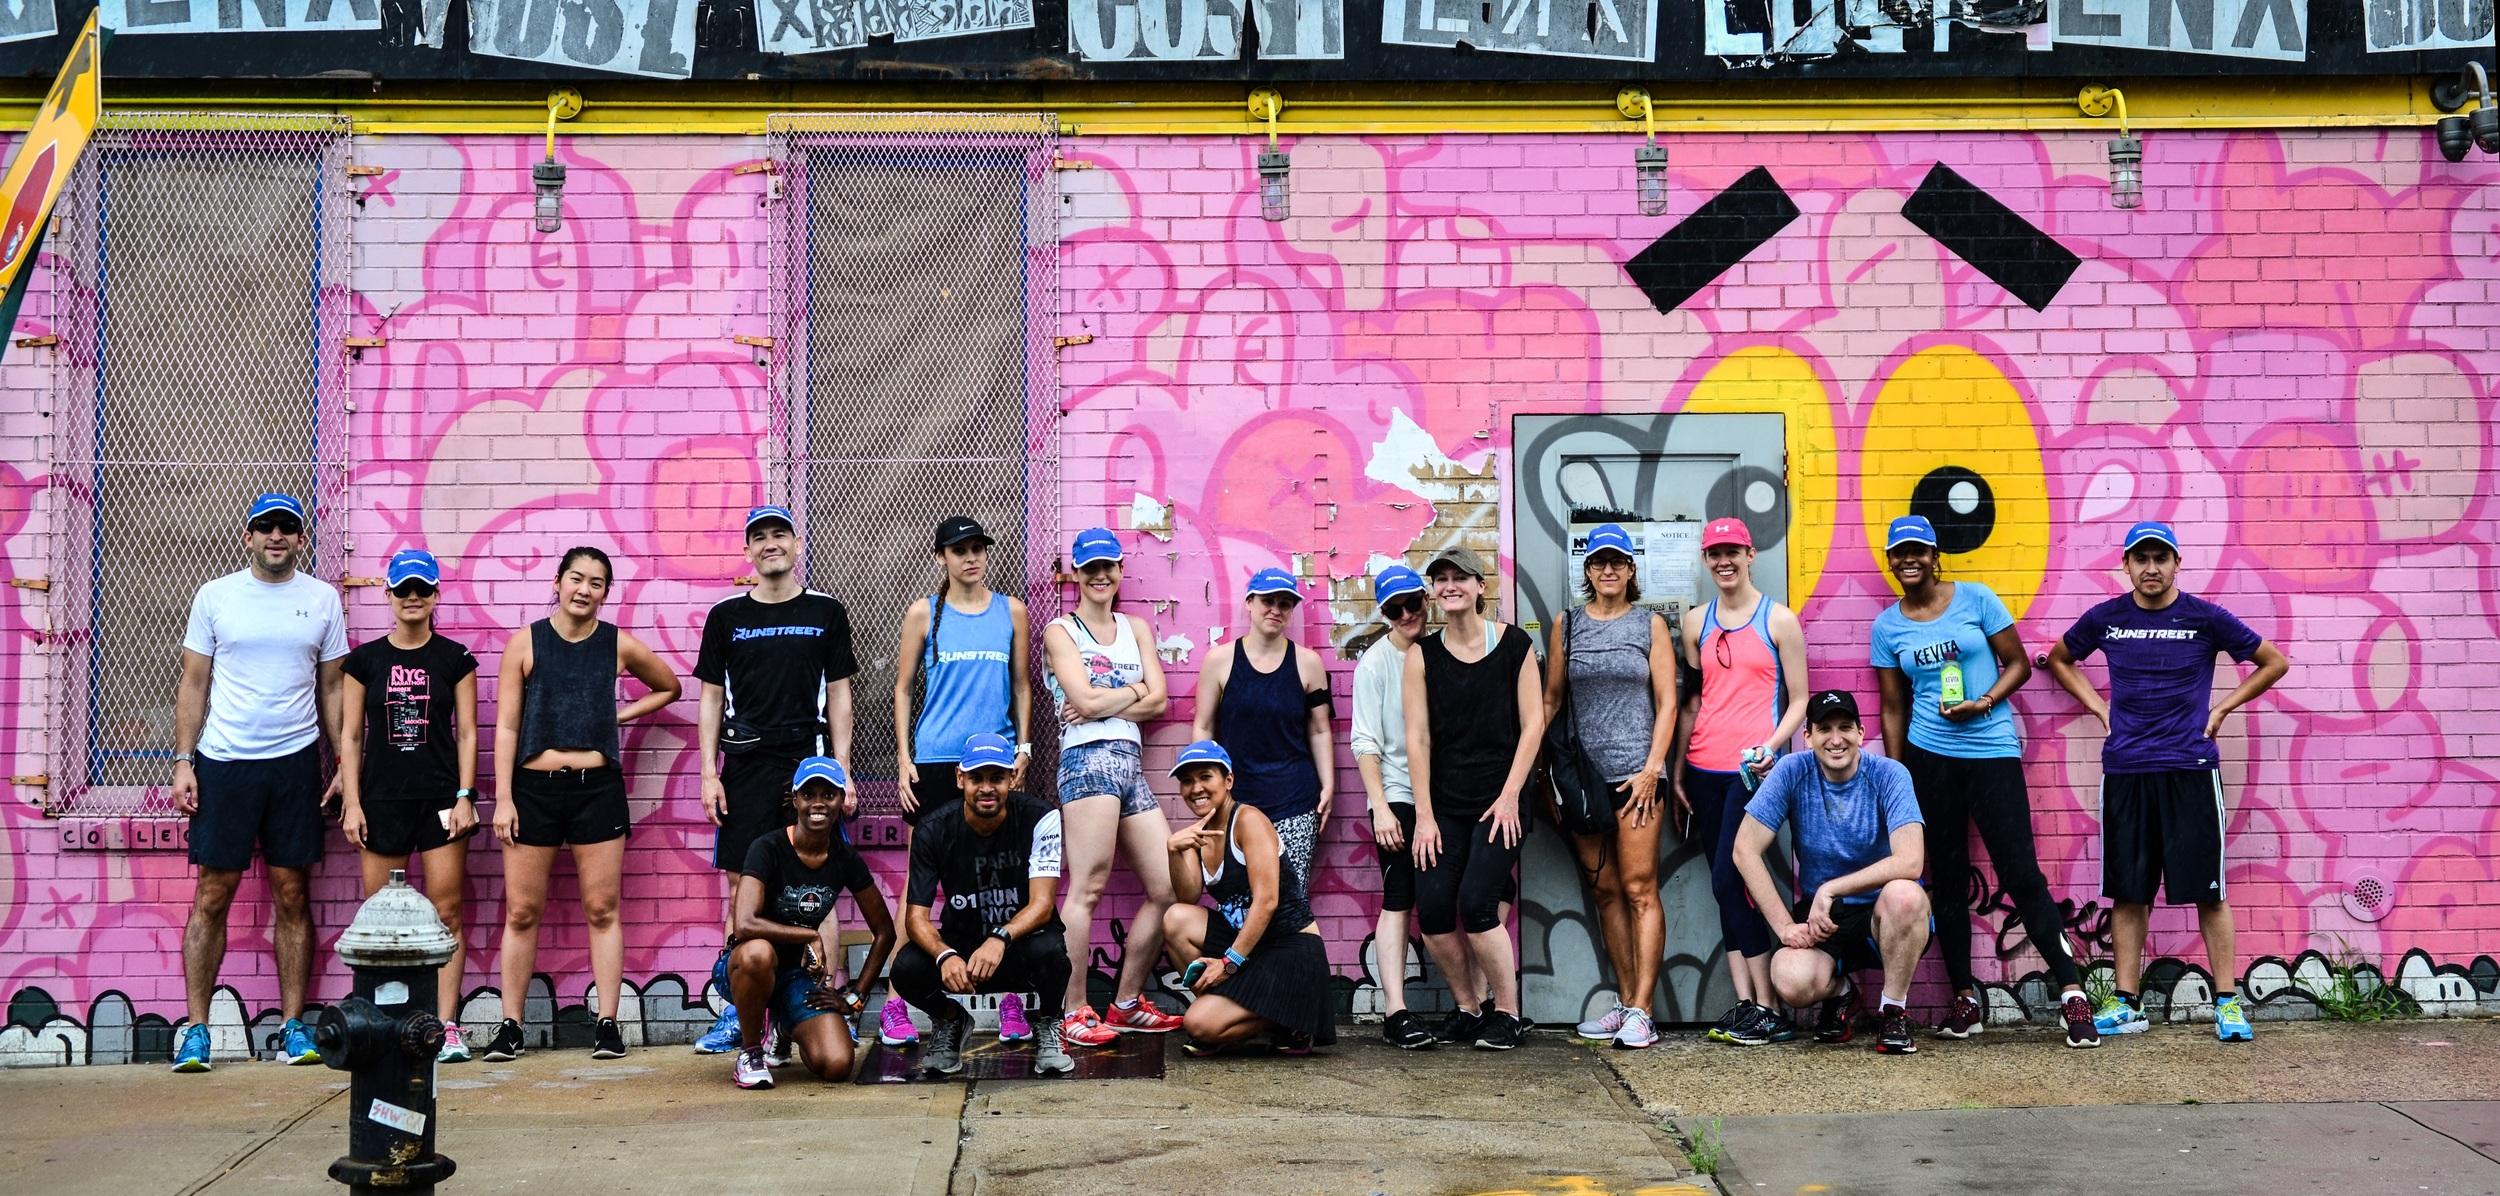 Bushwick Street Art Run Group.jpg